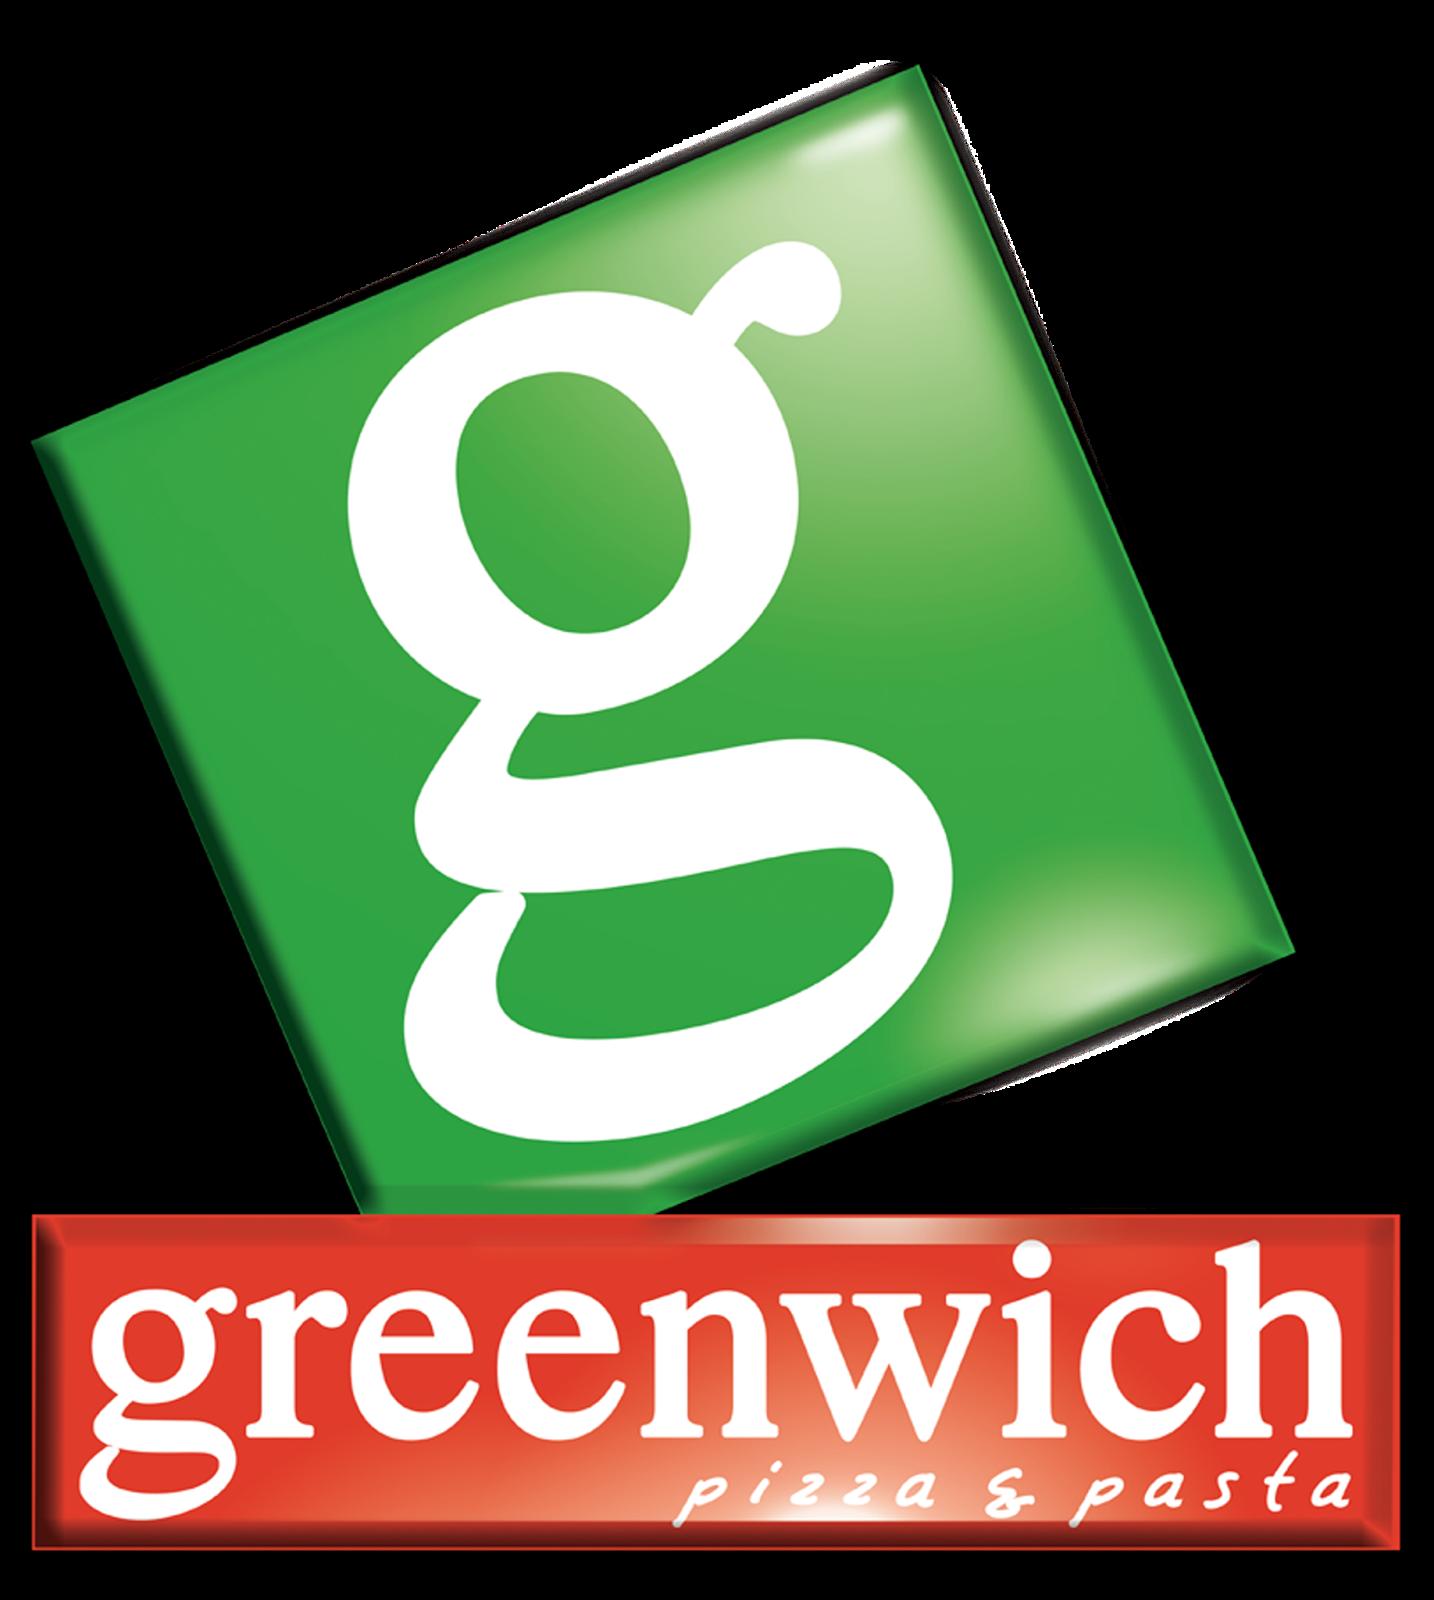 Greenwich Philippines